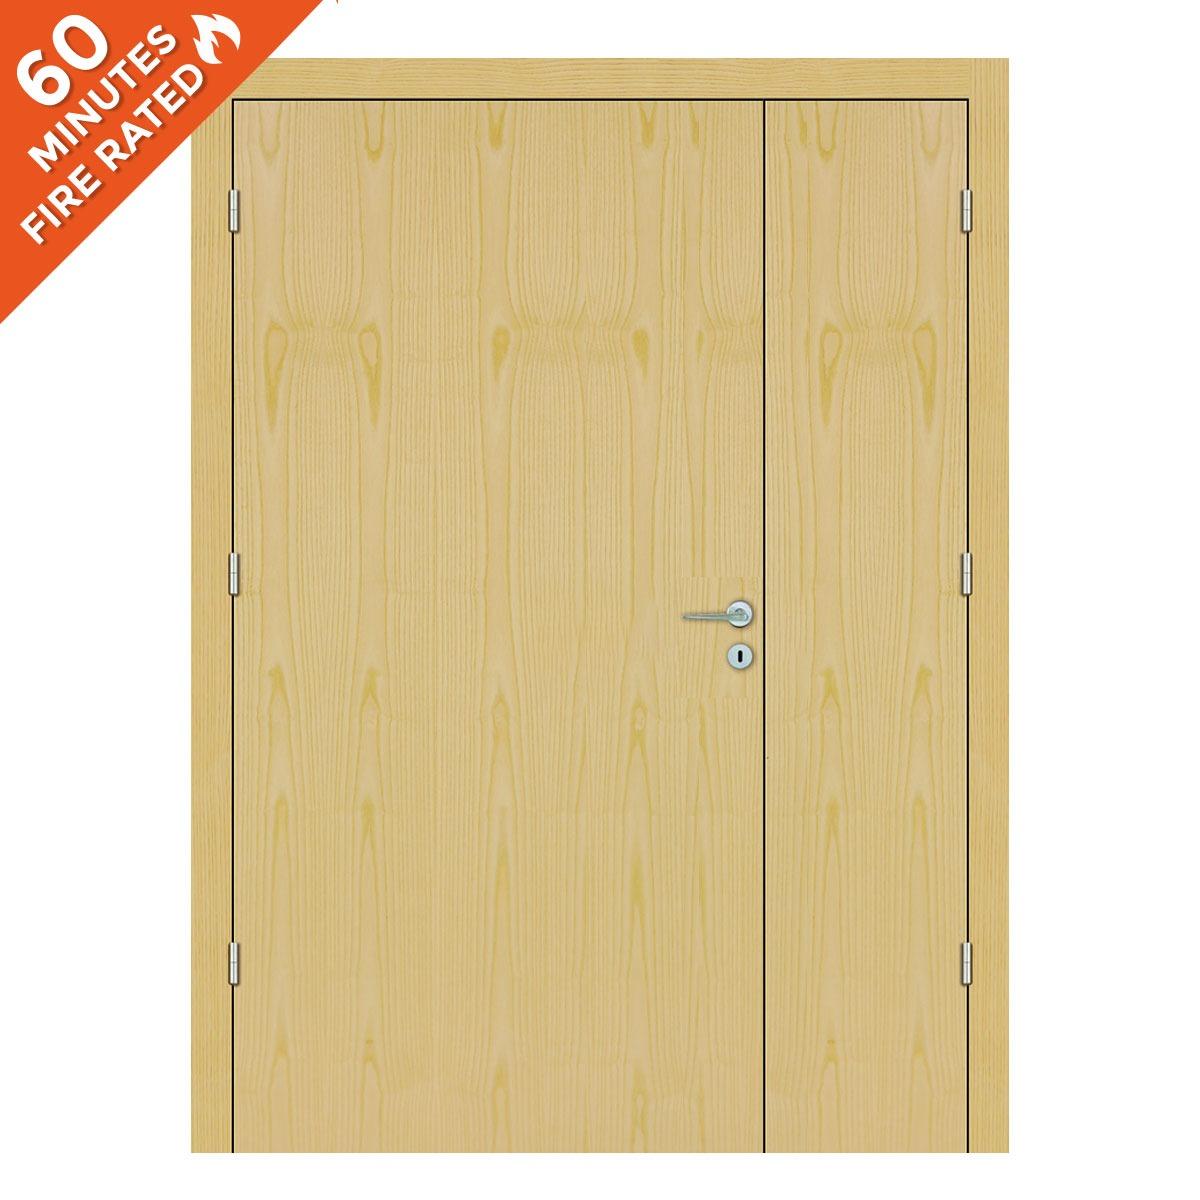 Ash Hospital Door FD60